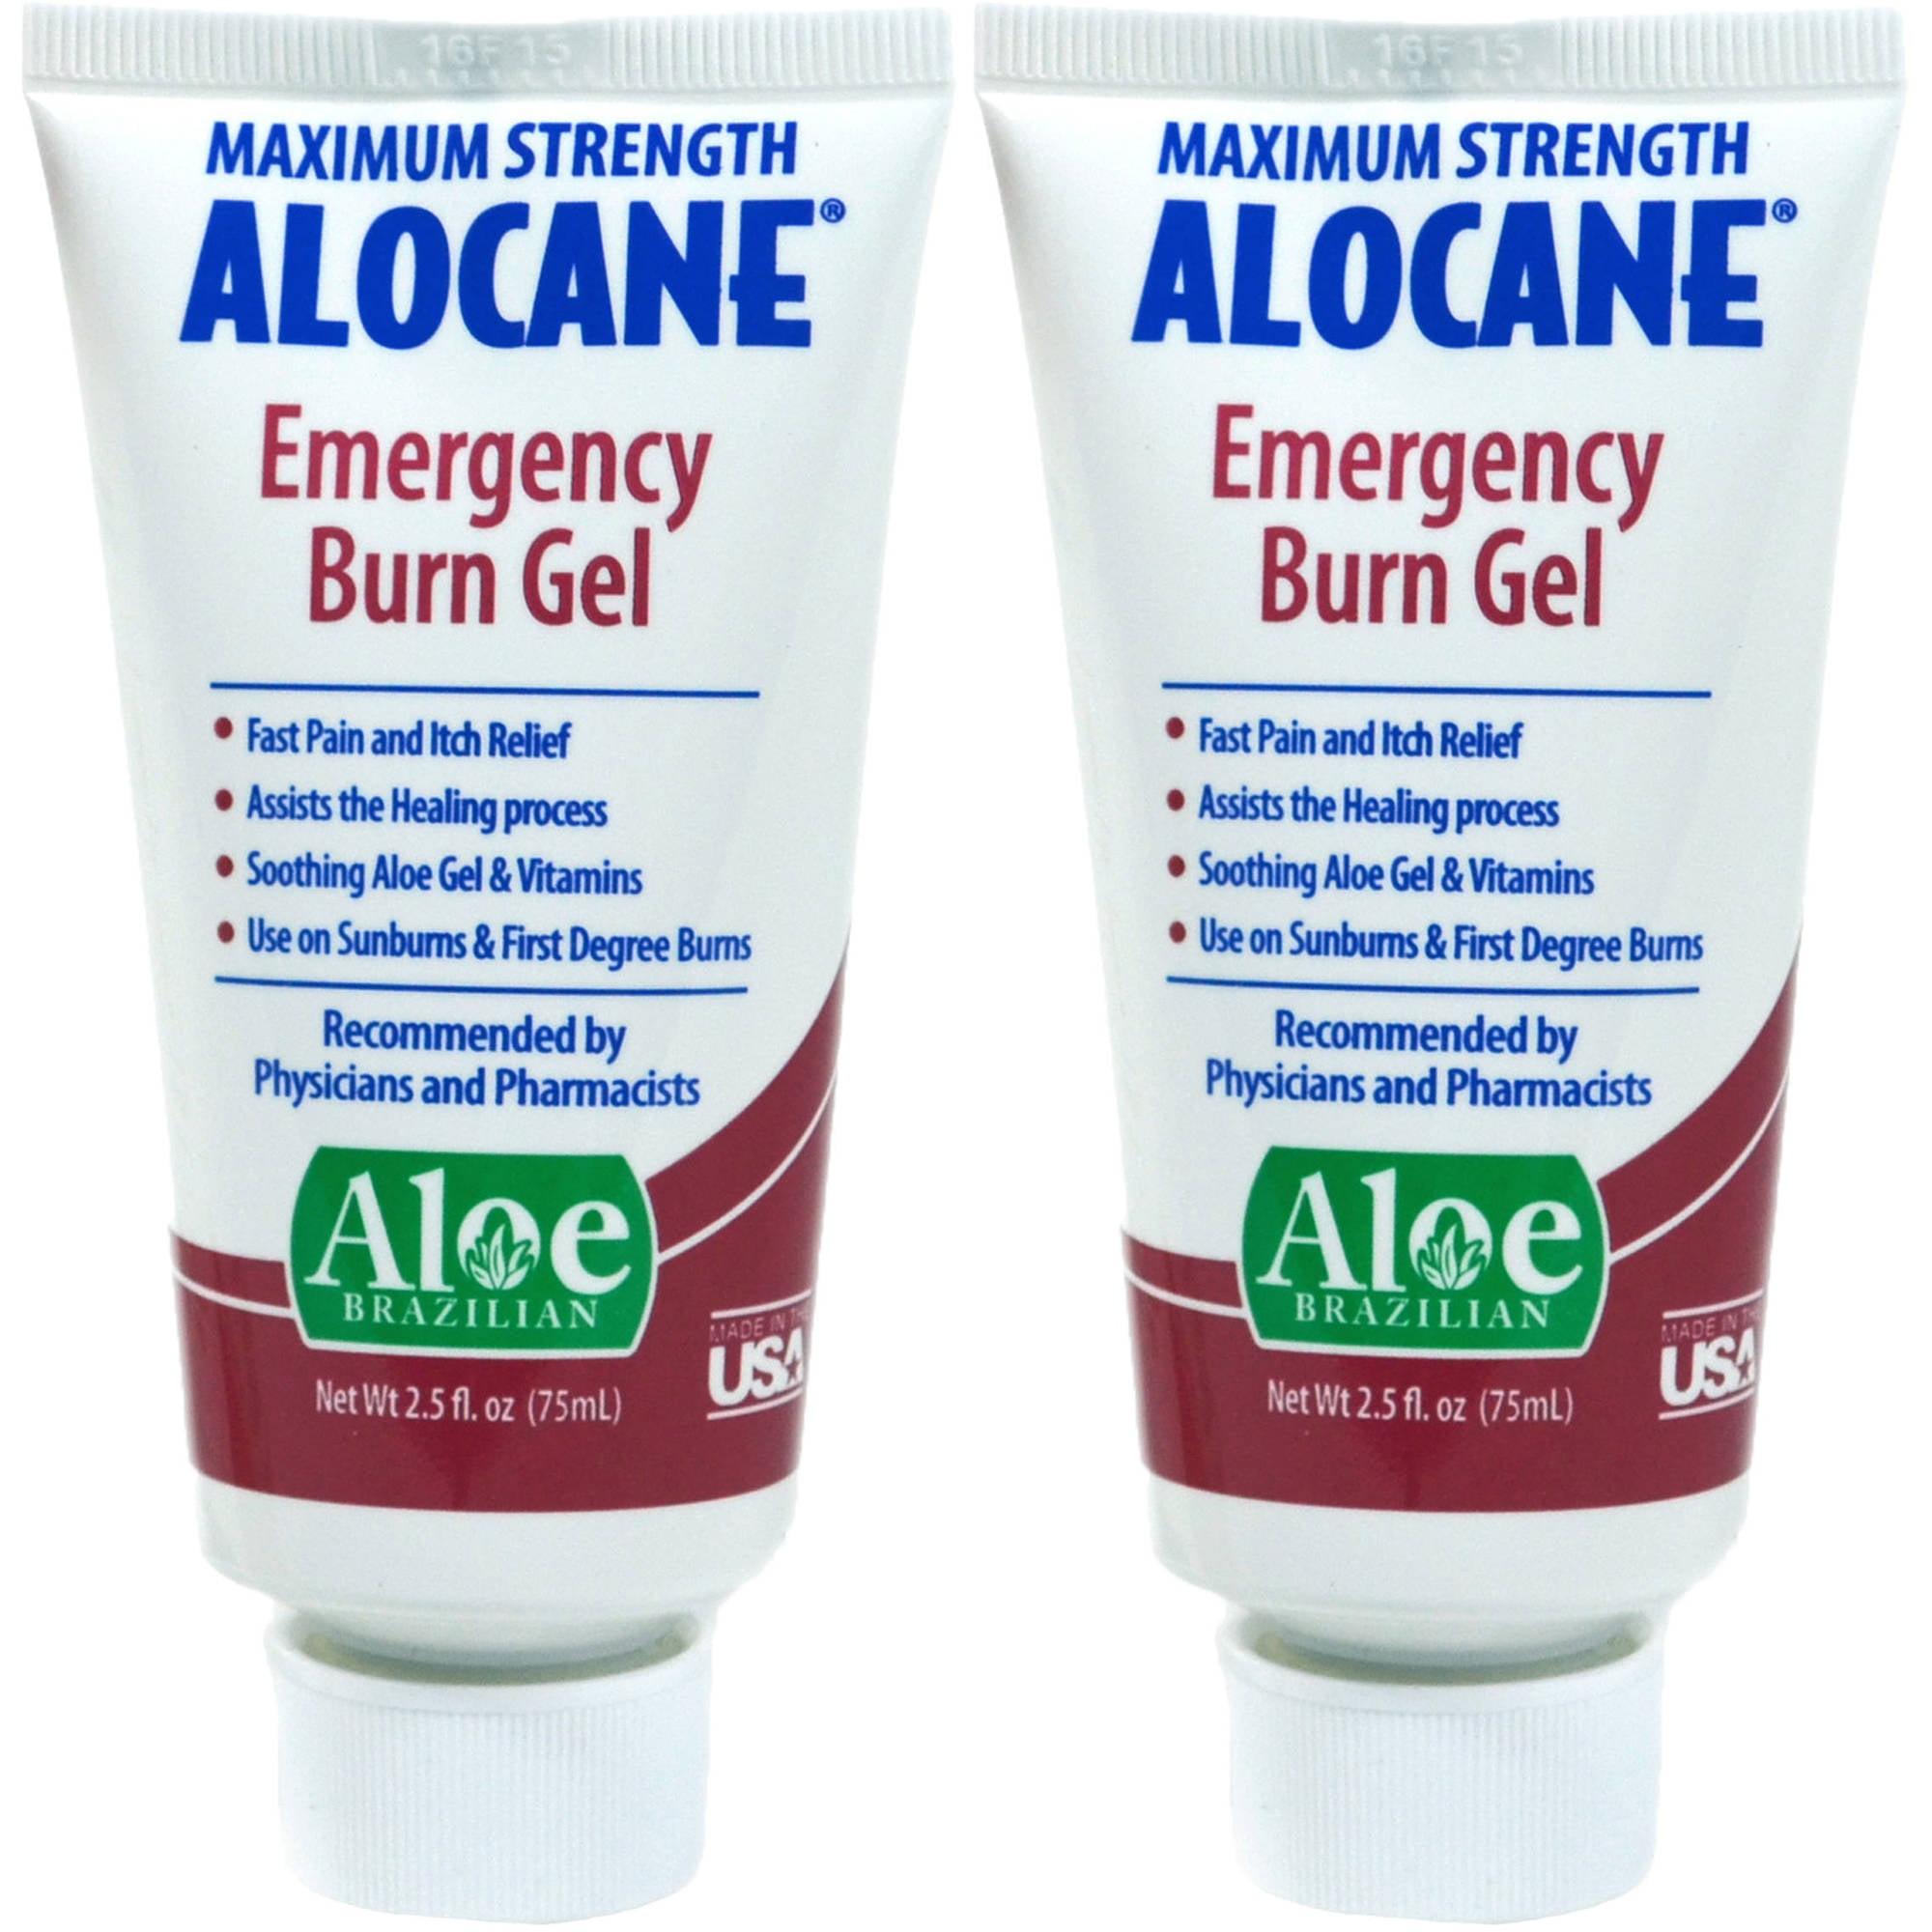 Alocane Maximum Strength Emergency Burn Gel, 2.5 fl oz, 2 count